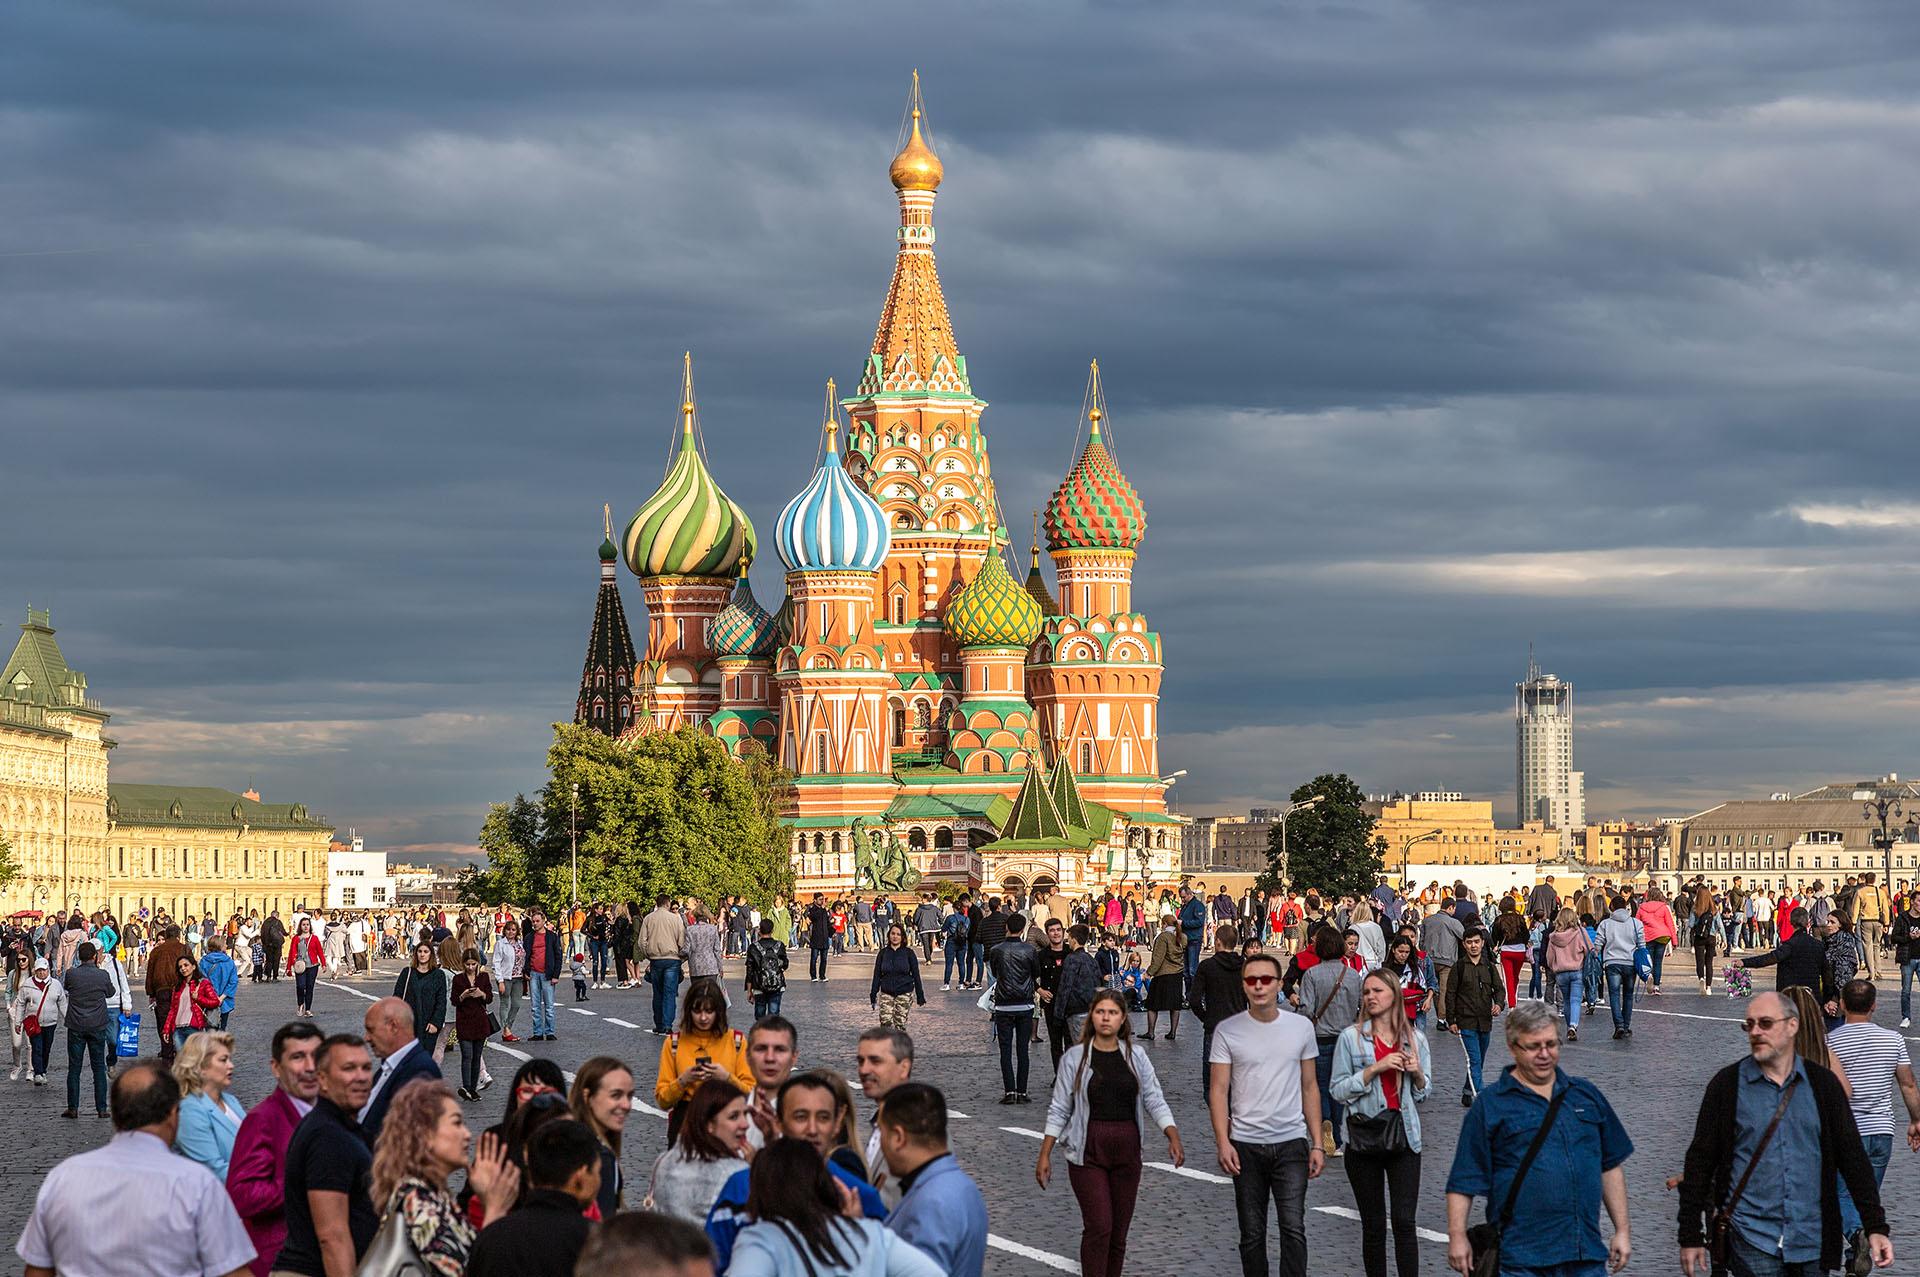 ANTES - Rusia, escenario del último mundial de fútbol, reunió a millones de personas en sus principales ciudades, entre ellas la concurrida Moscú (Shutterstock)